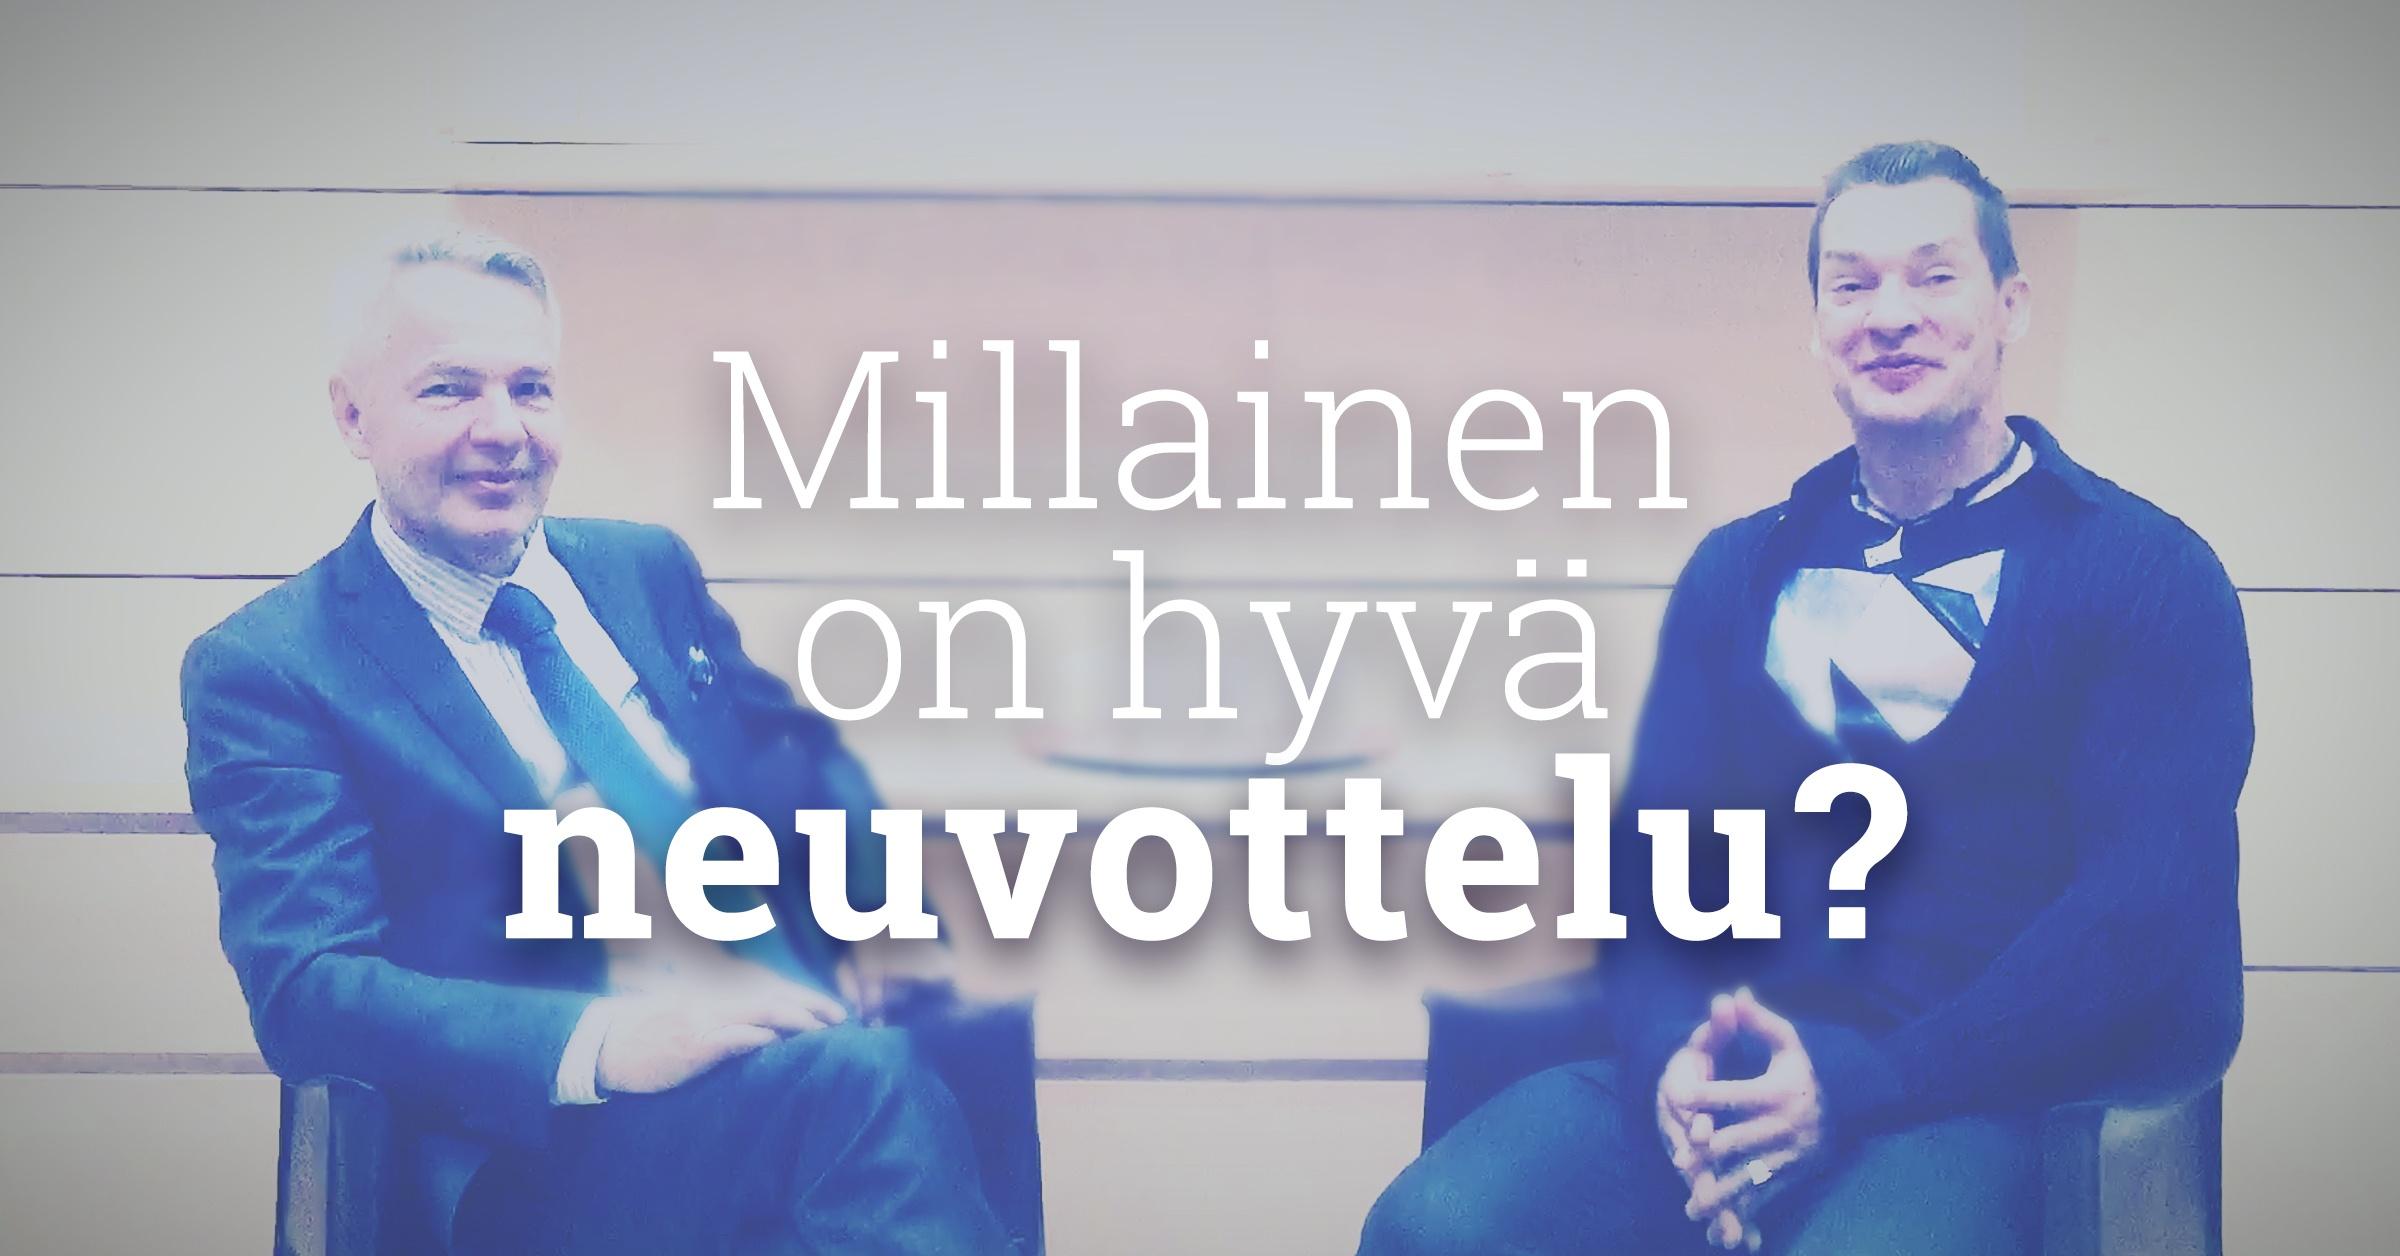 Haastattelussa Pekka Haavisto - Millainen on hyvä neuvottelu?